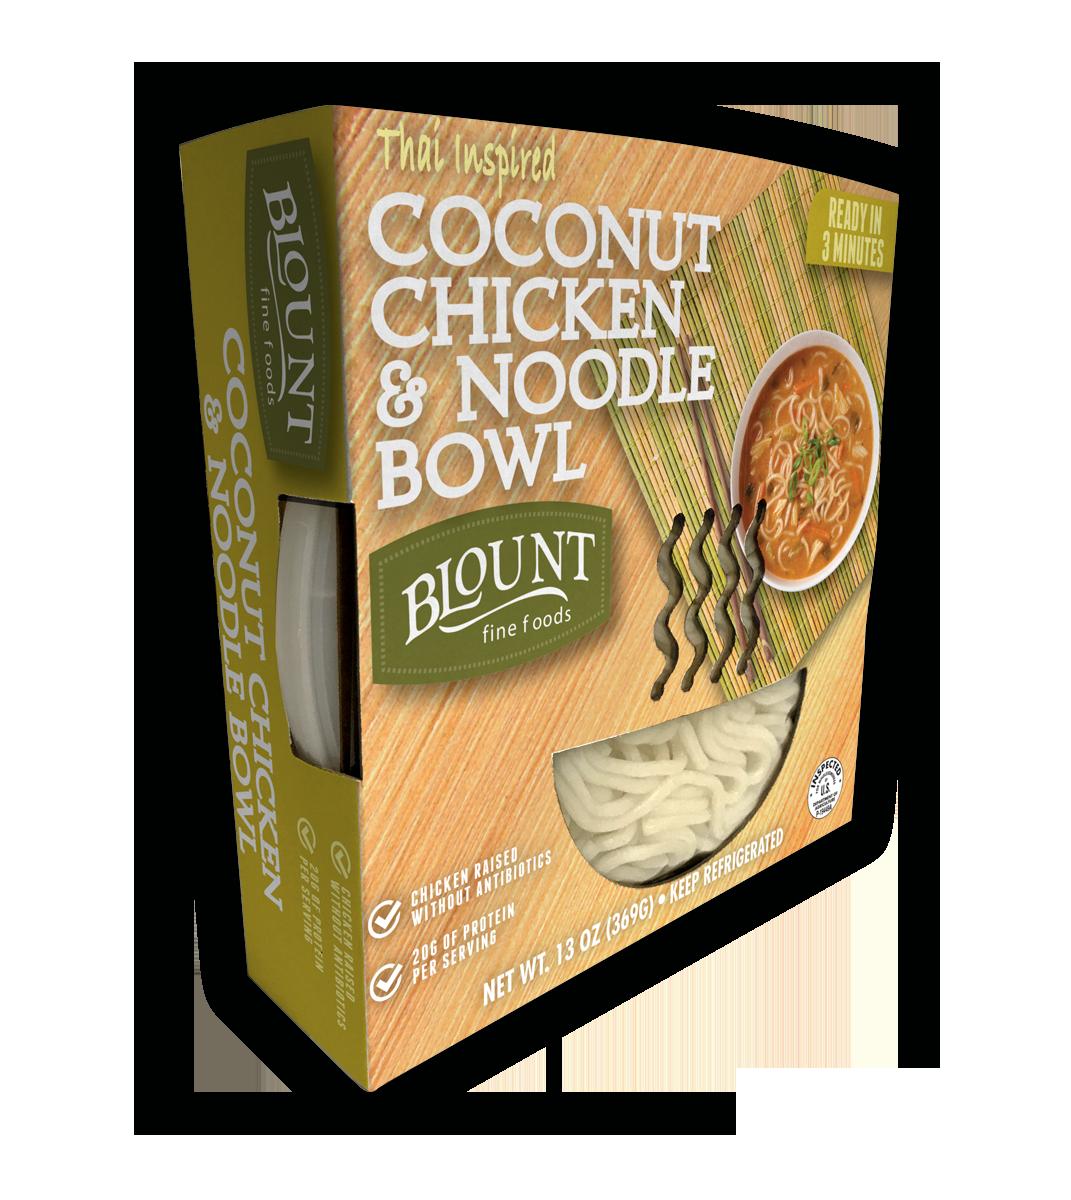 Blount bowls press coconut. Noodle clipart single